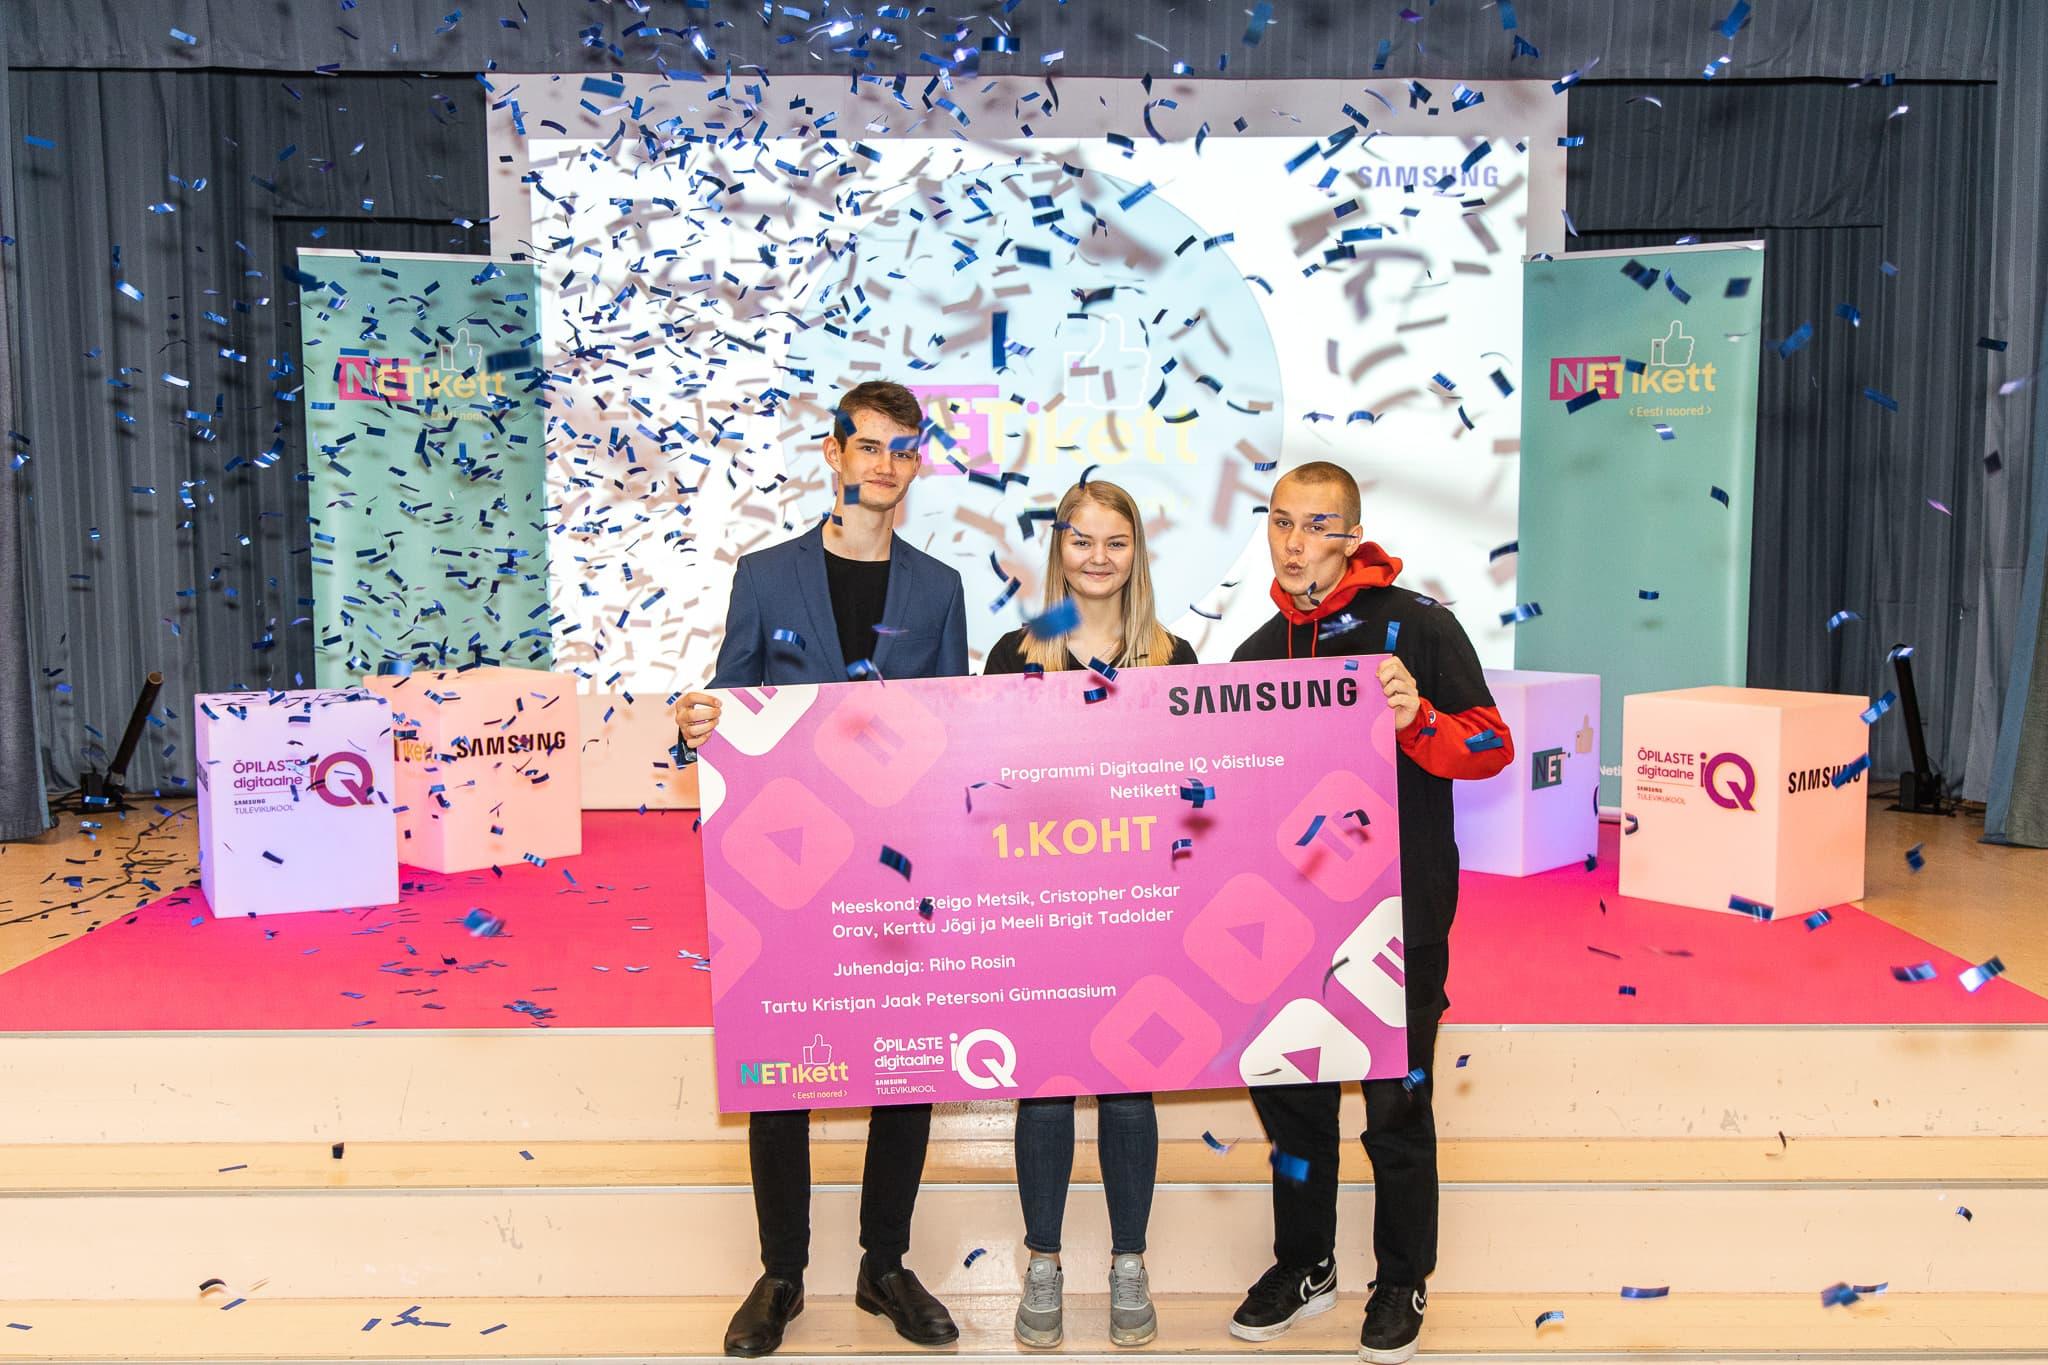 Noorte digiharidusvõistluse Netikett võitis autoriõiguste teemaline video